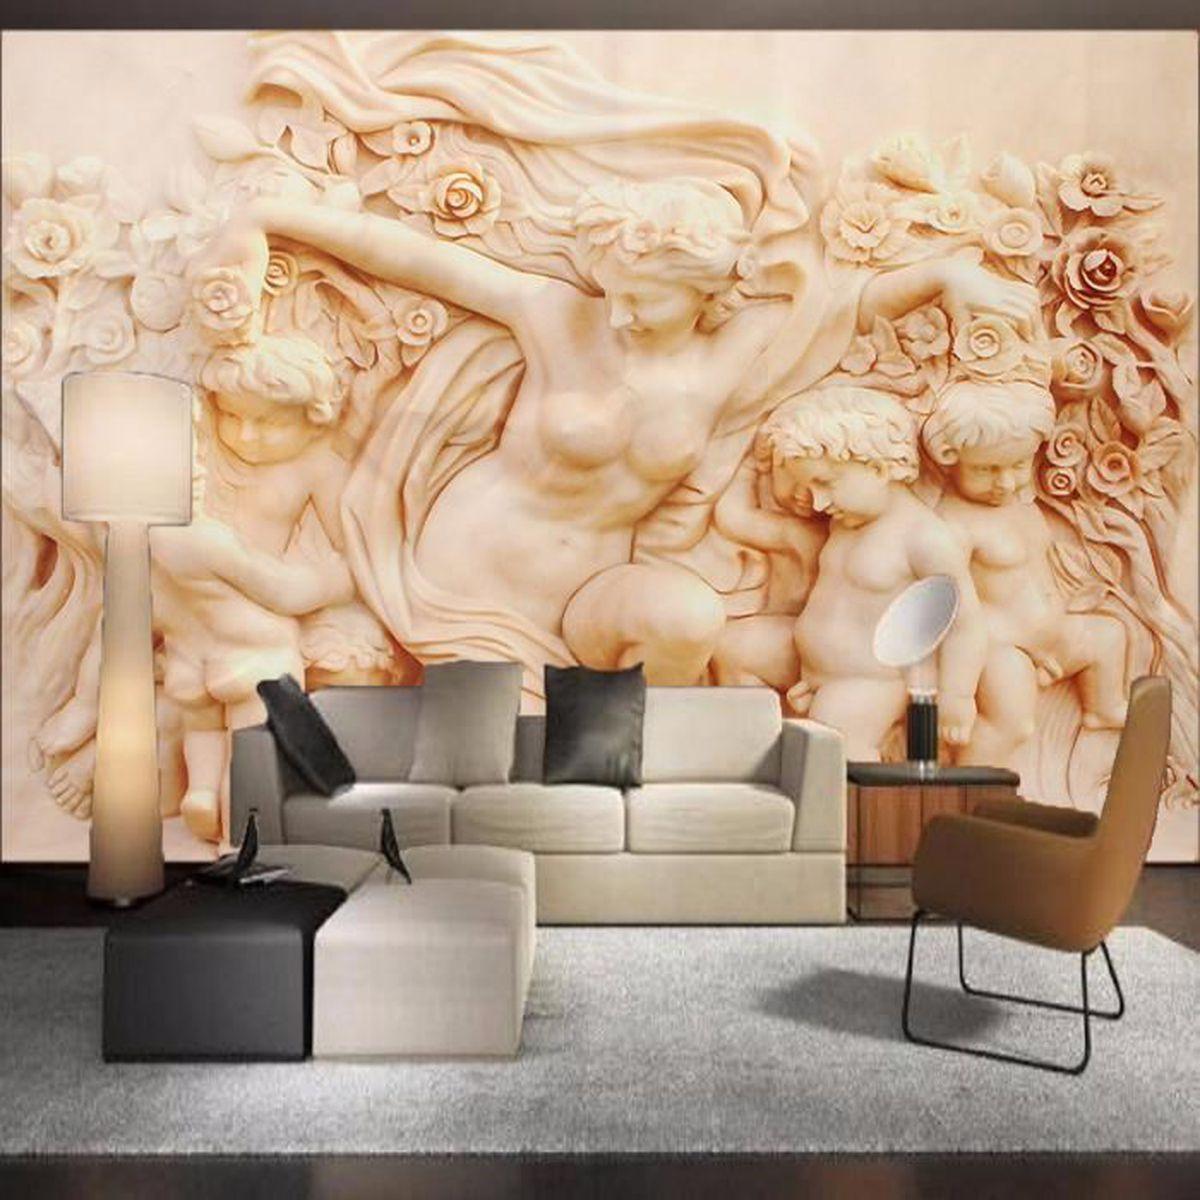 3d papier peint autocollant angel style romain mural art. Black Bedroom Furniture Sets. Home Design Ideas